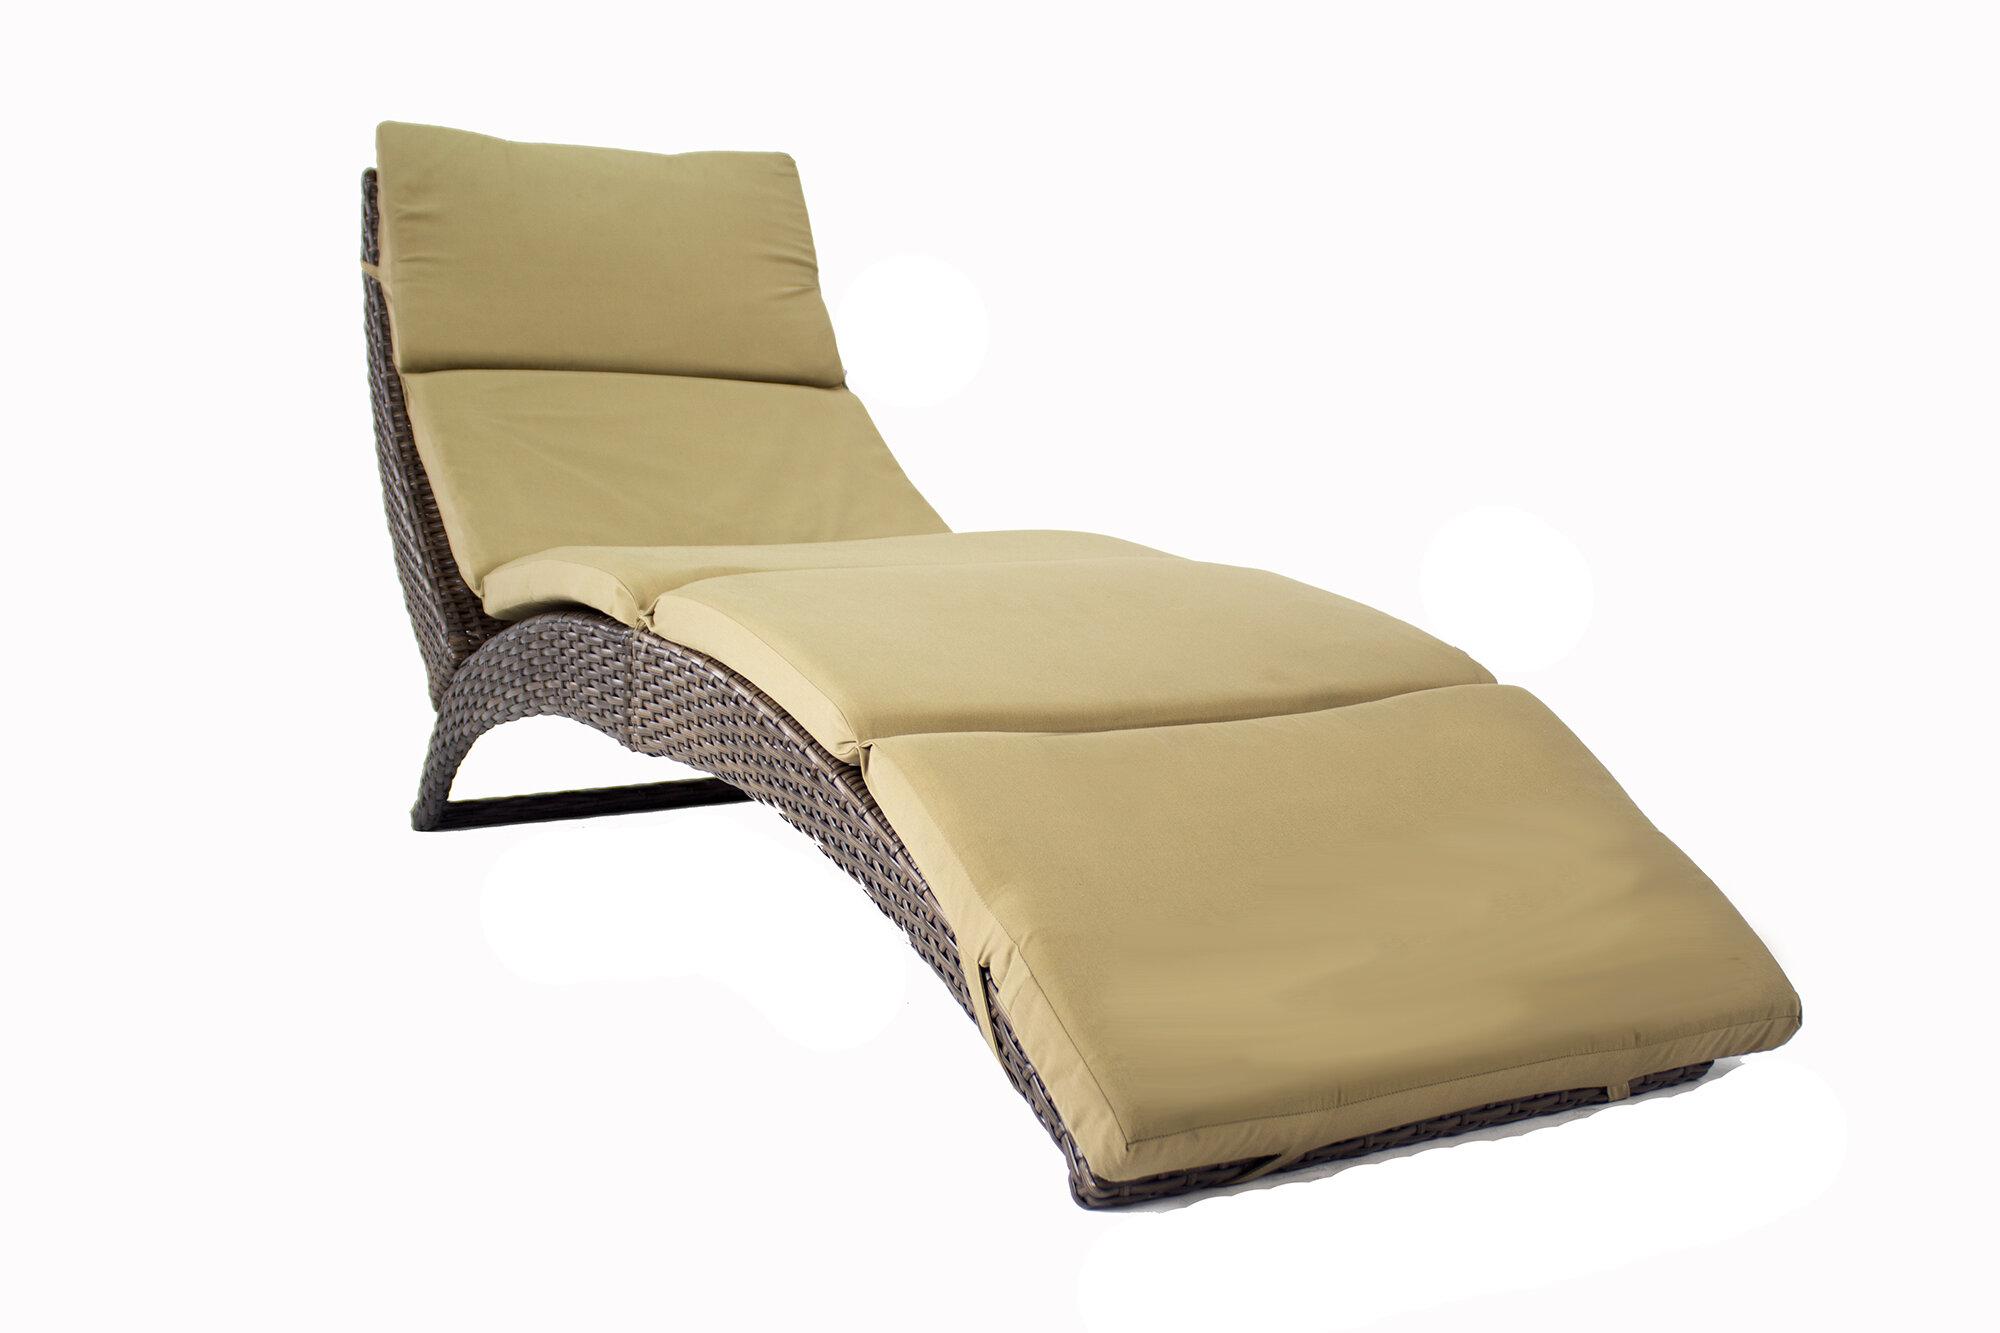 Bon Heather Ann Cancun Sun Chaise Lounge With Cushion U0026 Reviews | Wayfair